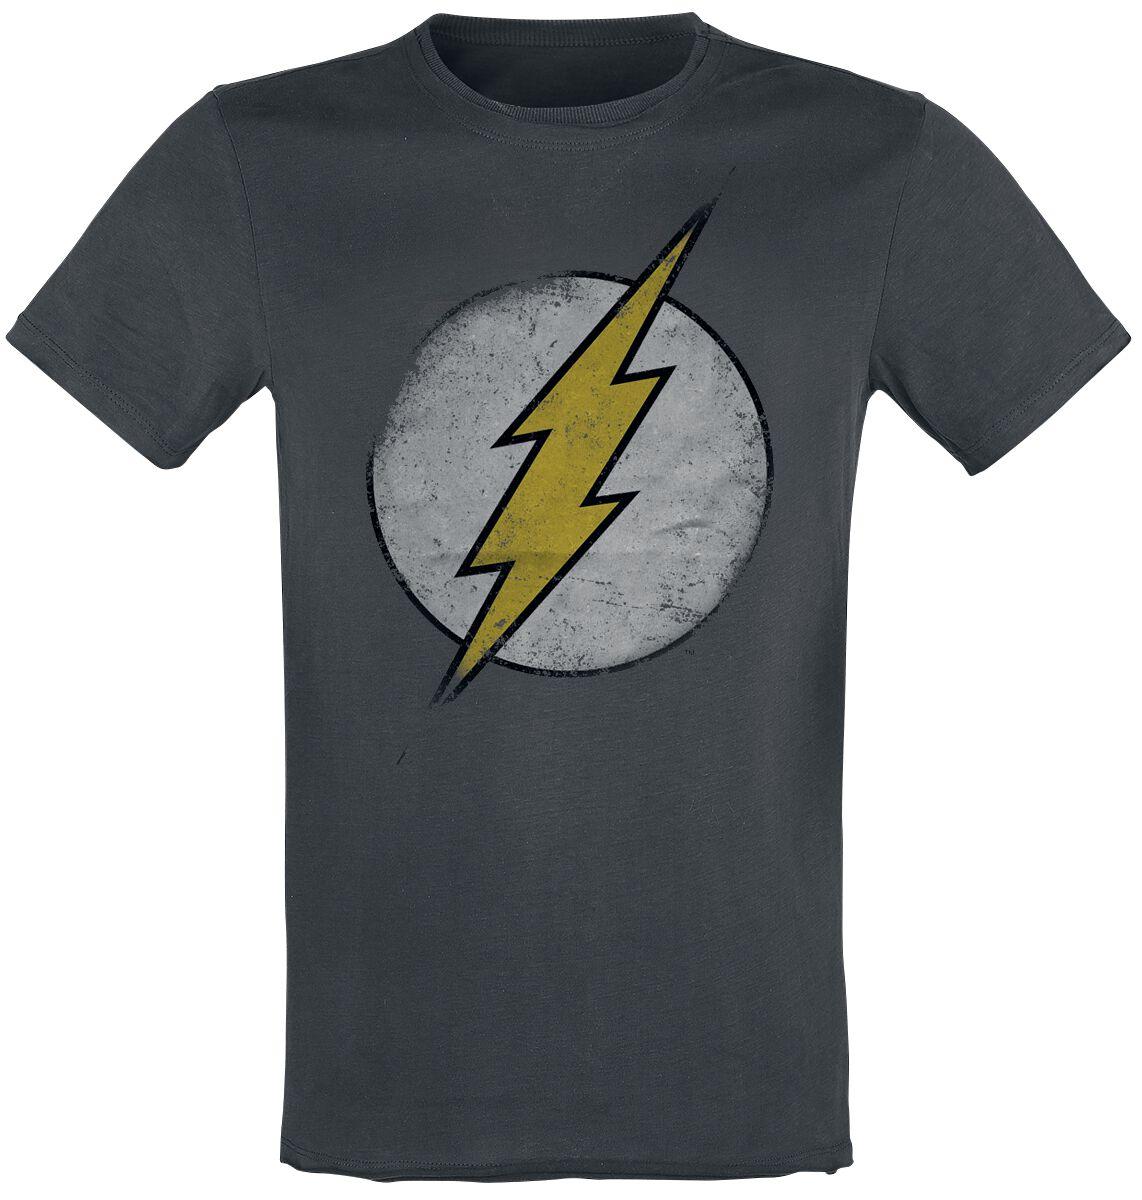 Merch dla Fanów - Koszulki - T-Shirt The Flash Vintage Logo T-Shirt ciemnoszary - 360013